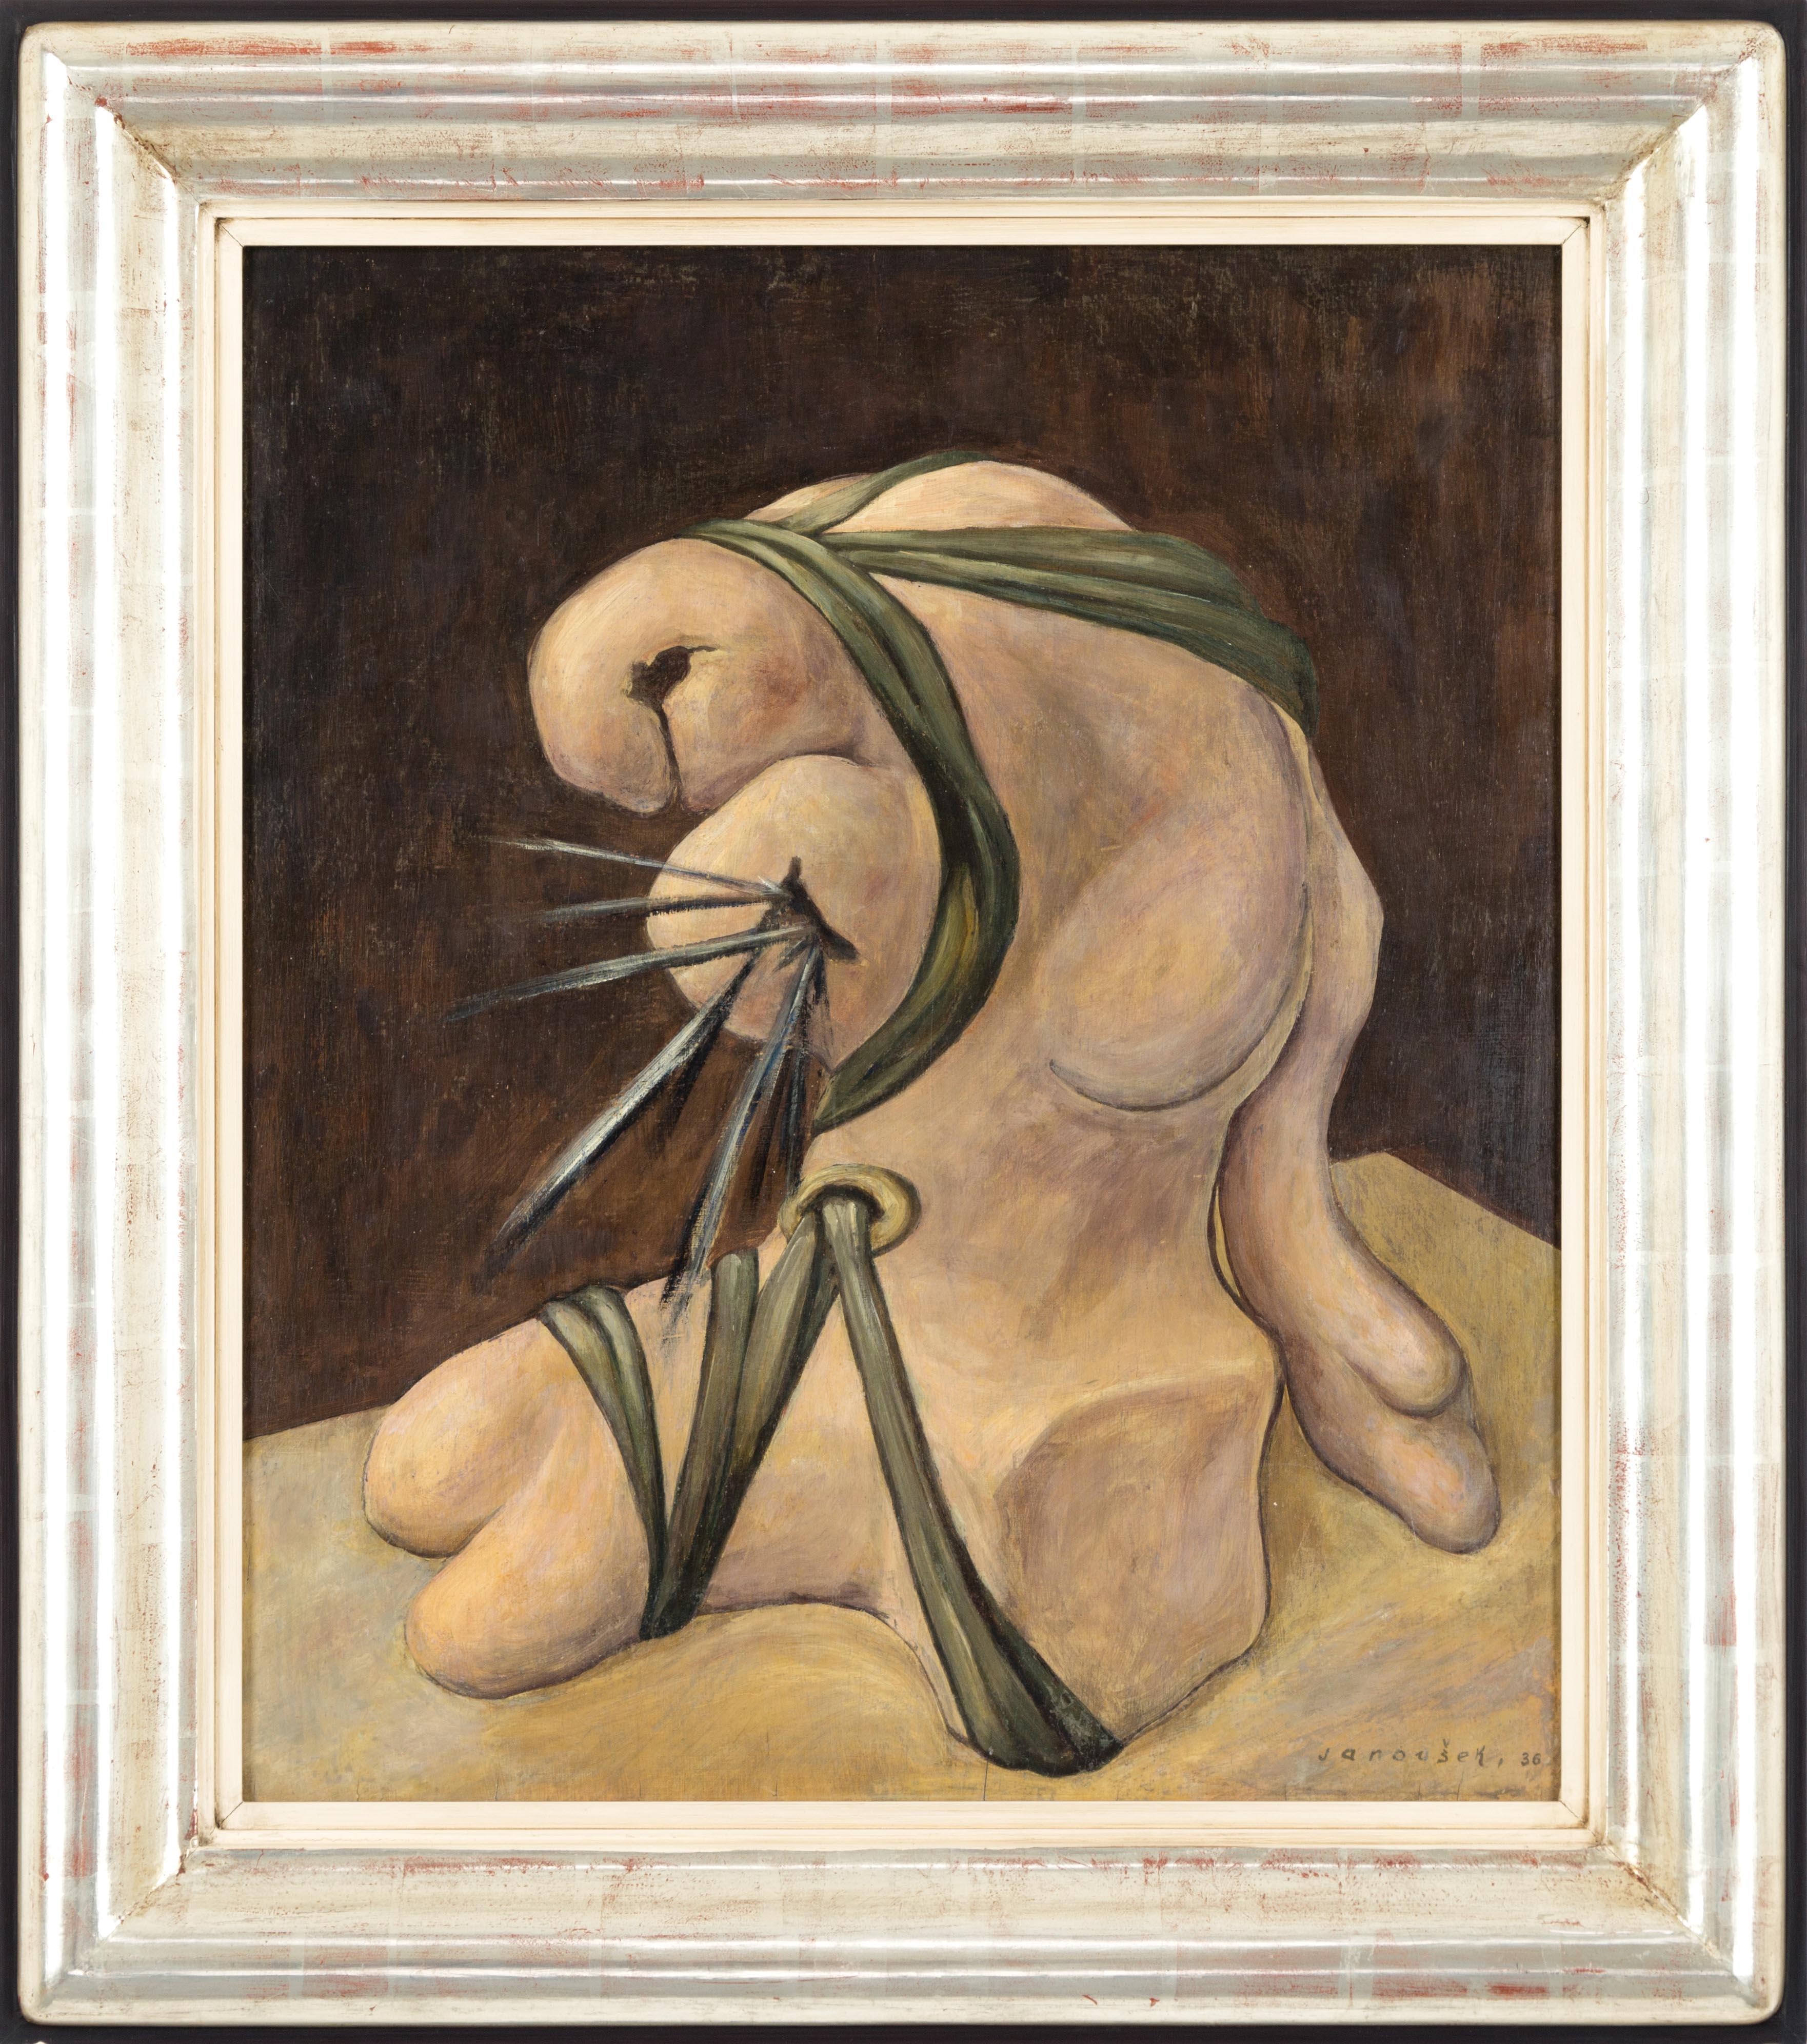 Vente Sélection exclusive d'œuvres d'art chez 1 Art Consulting Brno & Prague : 169 lots